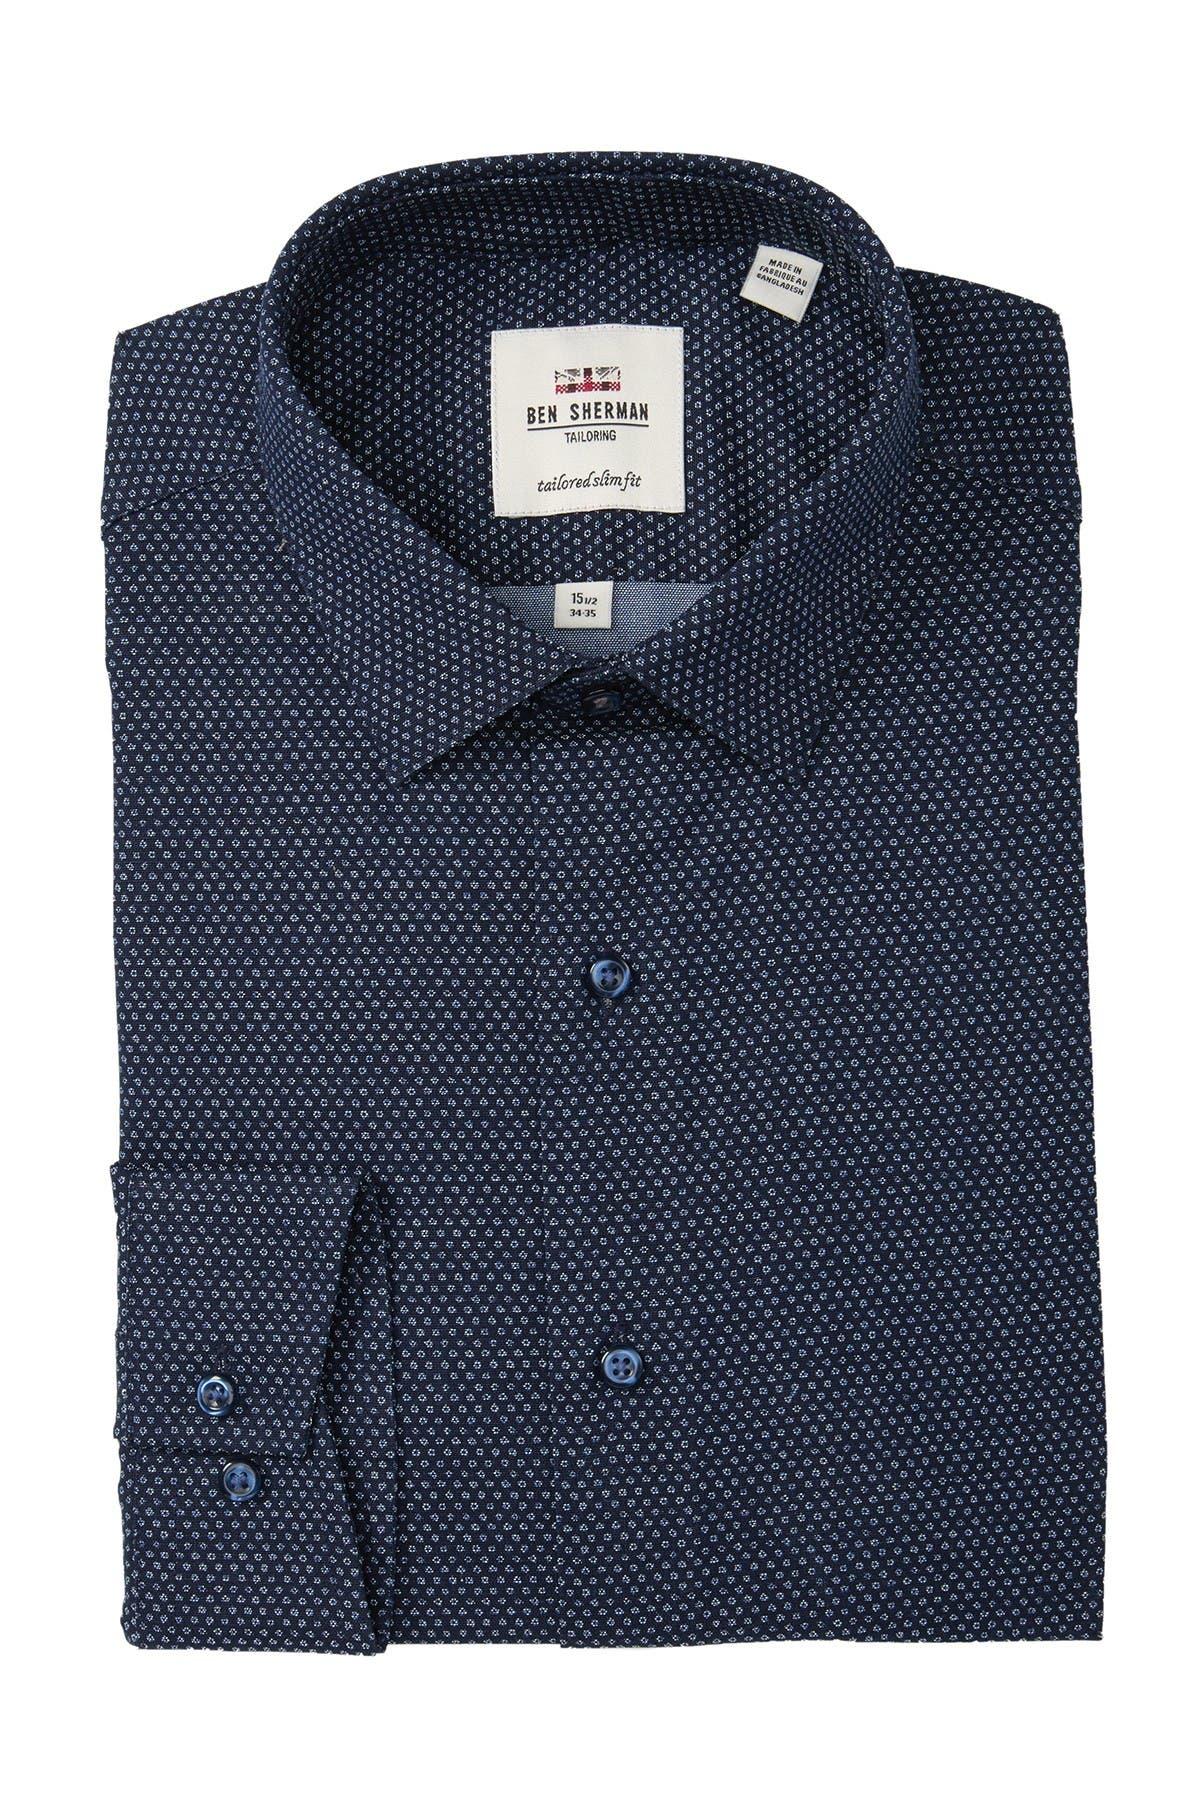 Image of Ben Sherman Dot Printed Oxford Tailored Slim Fit Dress Shirt